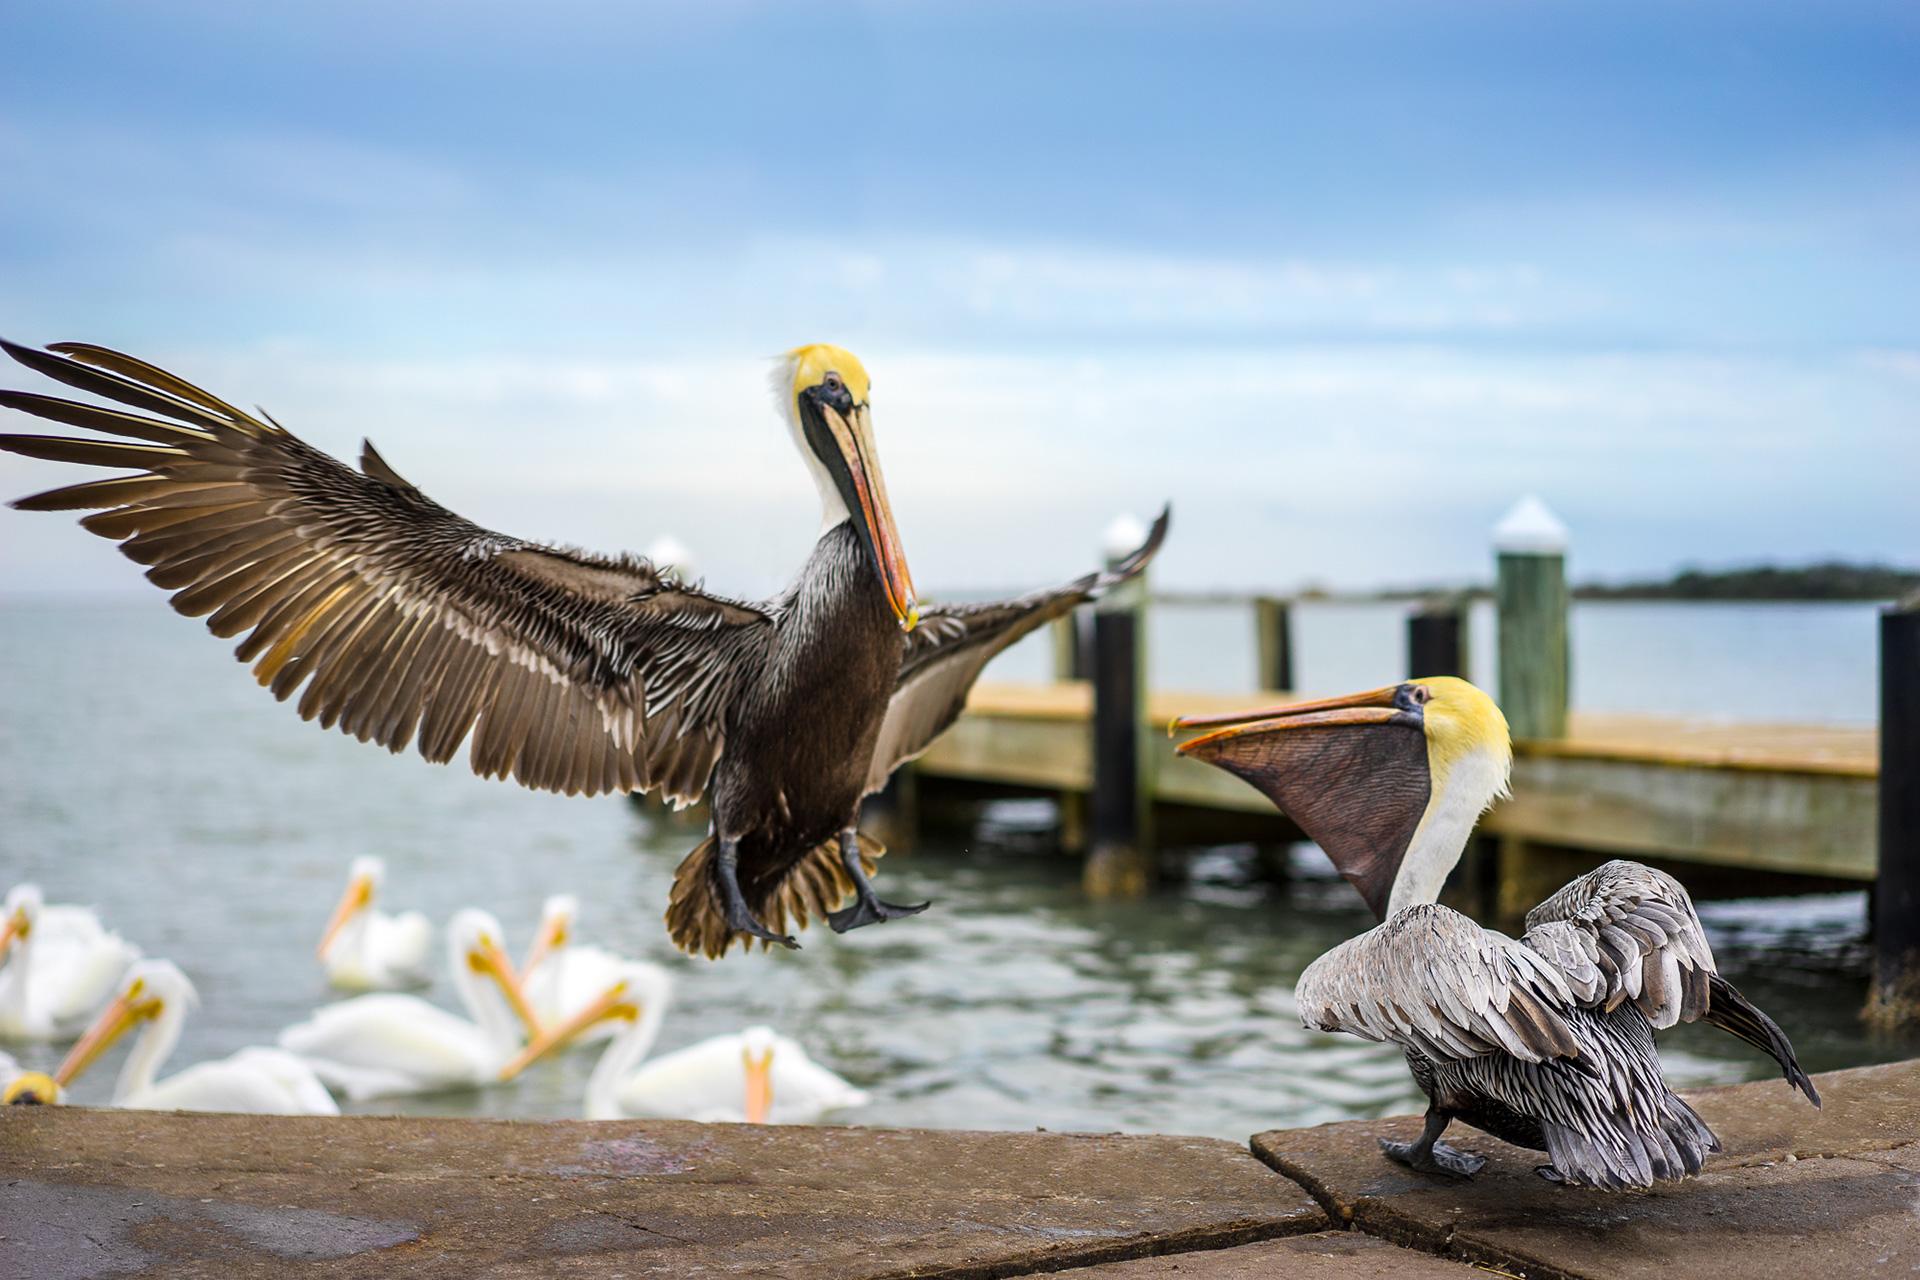 Large Bird on Texas Coast